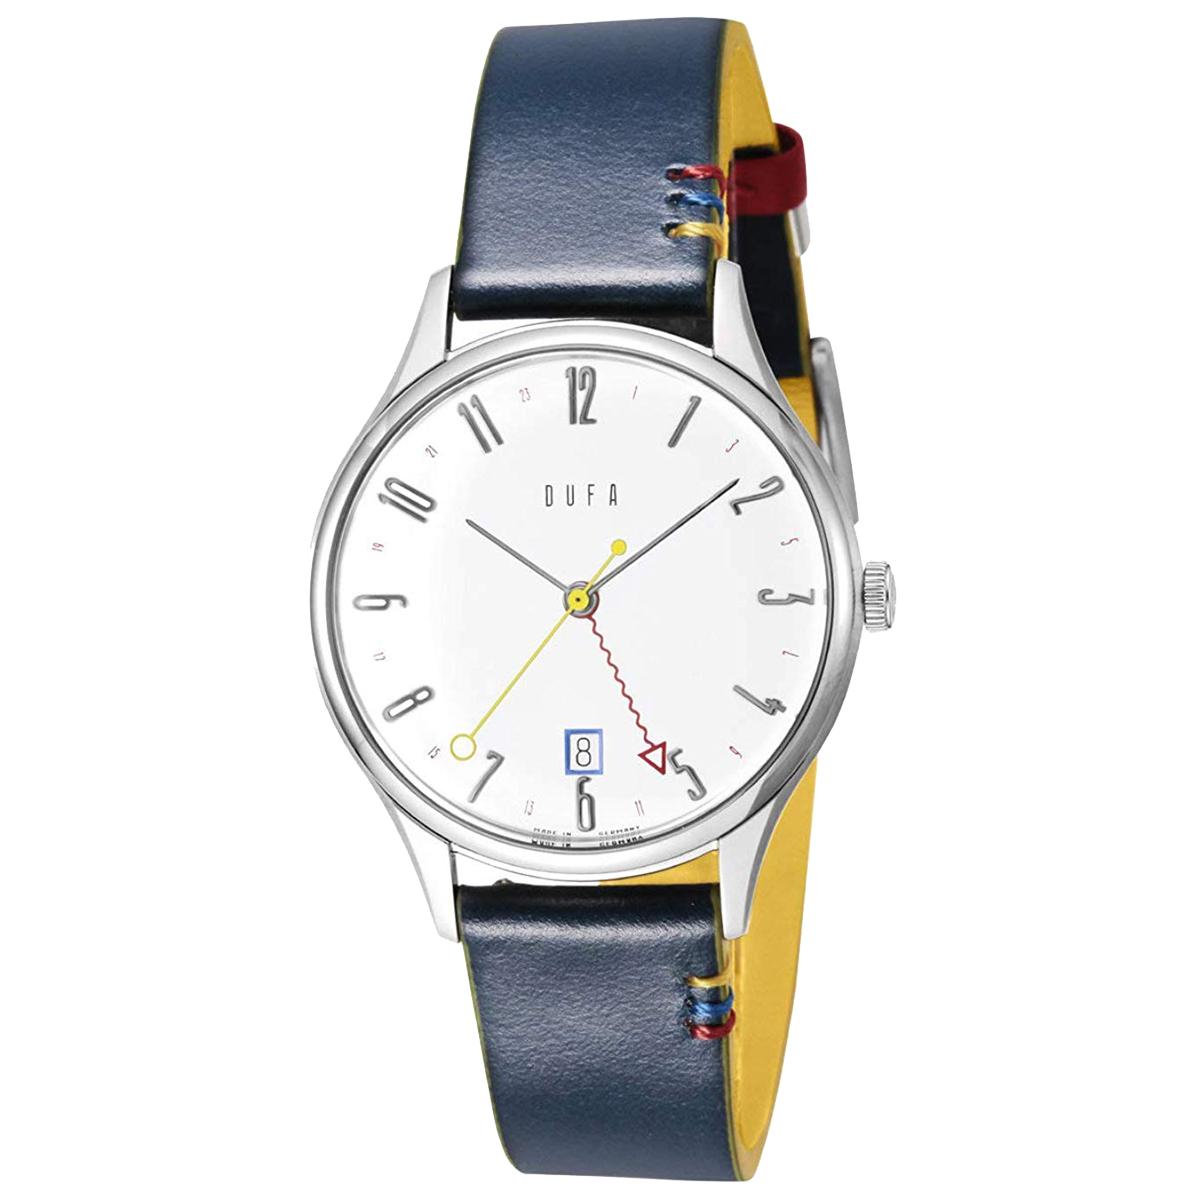 【全品送料無料】 DUFA ドゥッファ df-9006-0c BAUHAUS 100YEARS EDITION メンズ 時計 腕時計 プレゼント 贈り物 ギフト ドイツ バウハウス[あす楽]